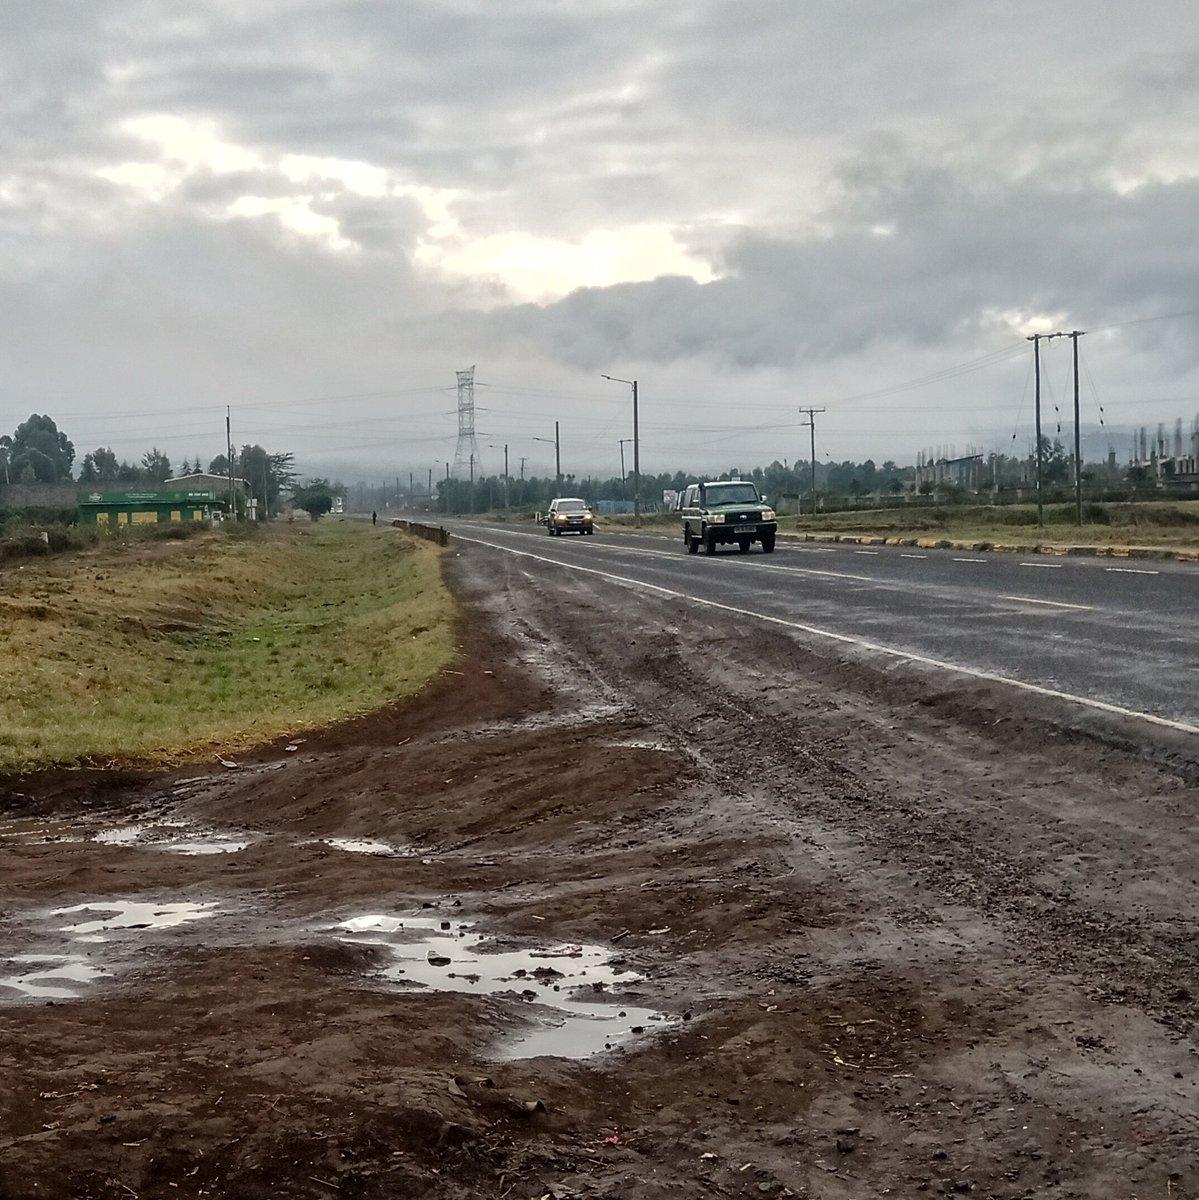 3,000 ACRES of land on SALE in Naivasha. Very PRIME. Ideal for a variety of projects. call us 0775895949  #KameneAndJalas Havi #InaugurationDay #wednesdaythought #MudavadiOnKameme #MainaAndKingangi #WednesdayMotivation Thika road #IkoKaziKE  Meru Ngilu #KOT #realestateinvestor